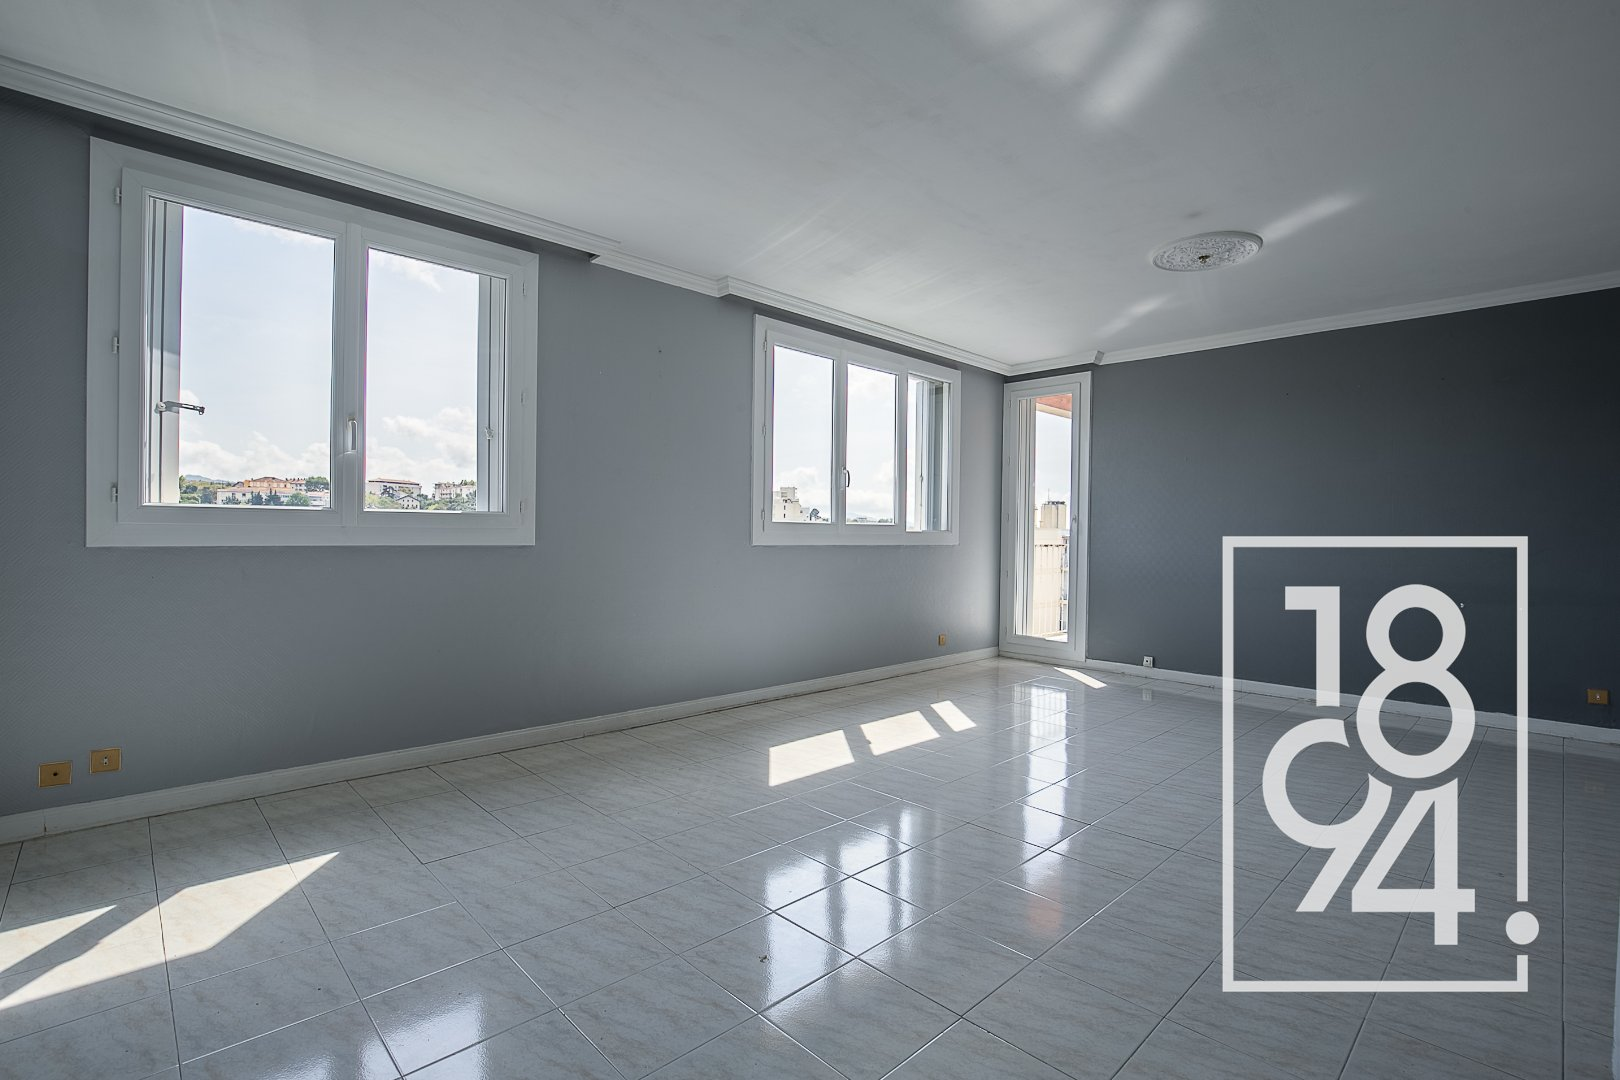 Appartement T4/5 80m2 Dernier étage Vue Panoramique